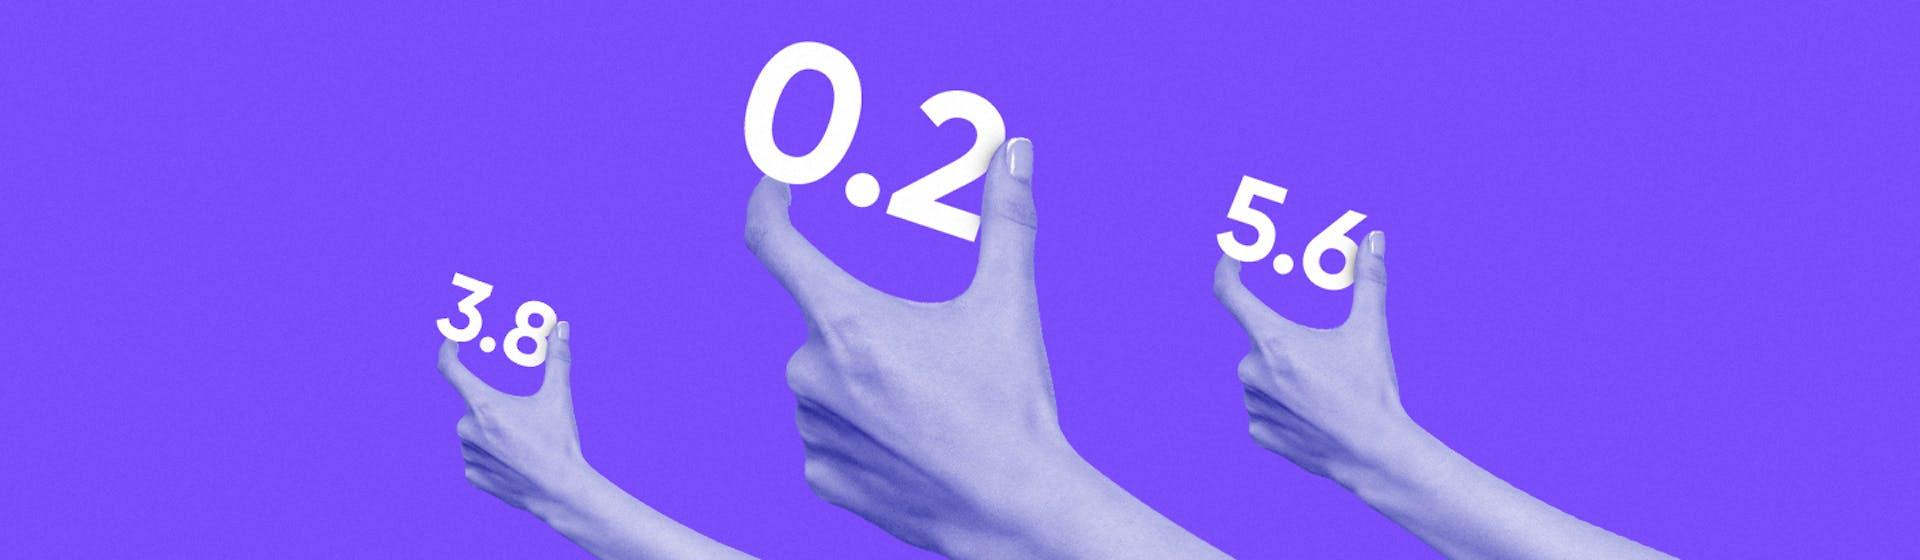 ¿Cómo hacer divisiones con punto decimal? ¡Agiliza tu mente y sé el mejor de tu clase!